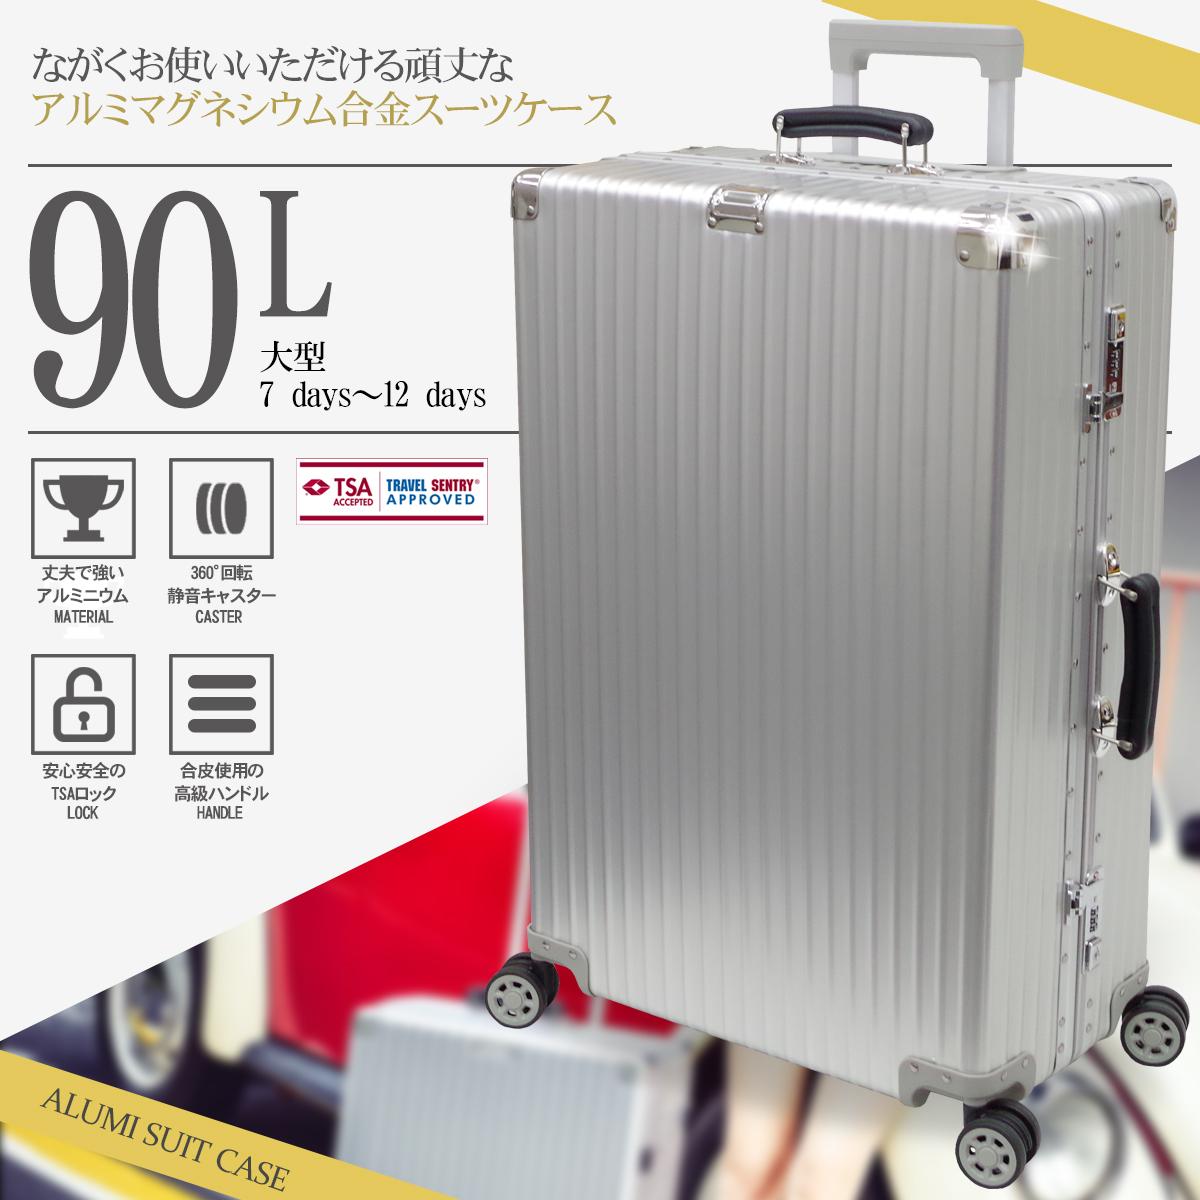 送料無料 大型 90L アルミニウムスーツケース アルミニウム合金 フルボディアルミ キャリーケース スーツケース TSAロック搭載 シルバー 【ZAL-01】